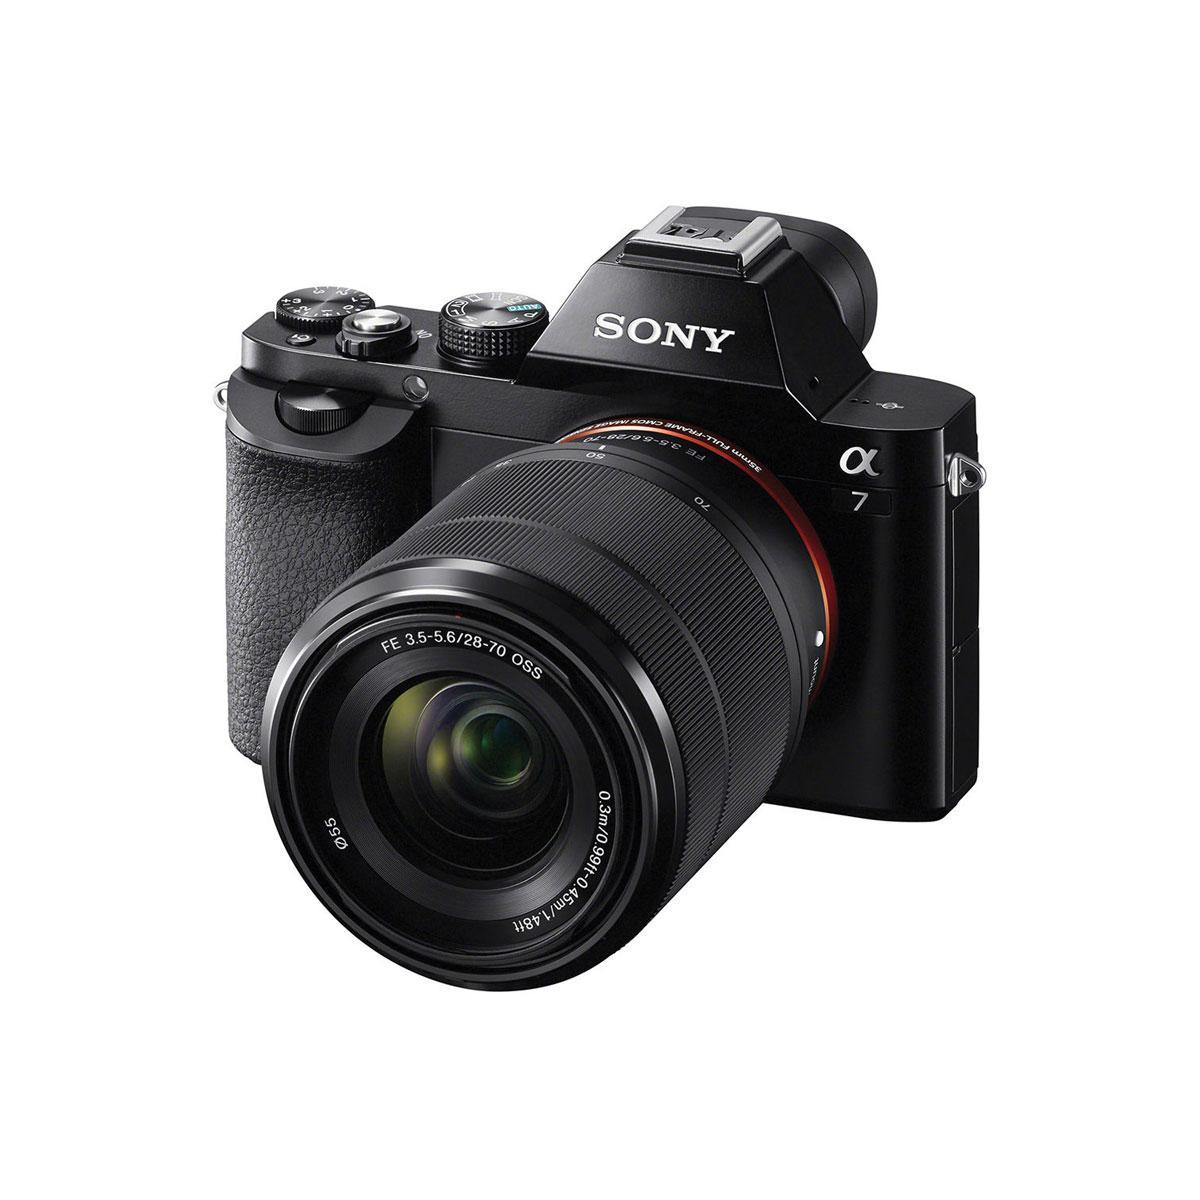 Sony α7 + FE 28-70mm F3.5-5.6 OSS